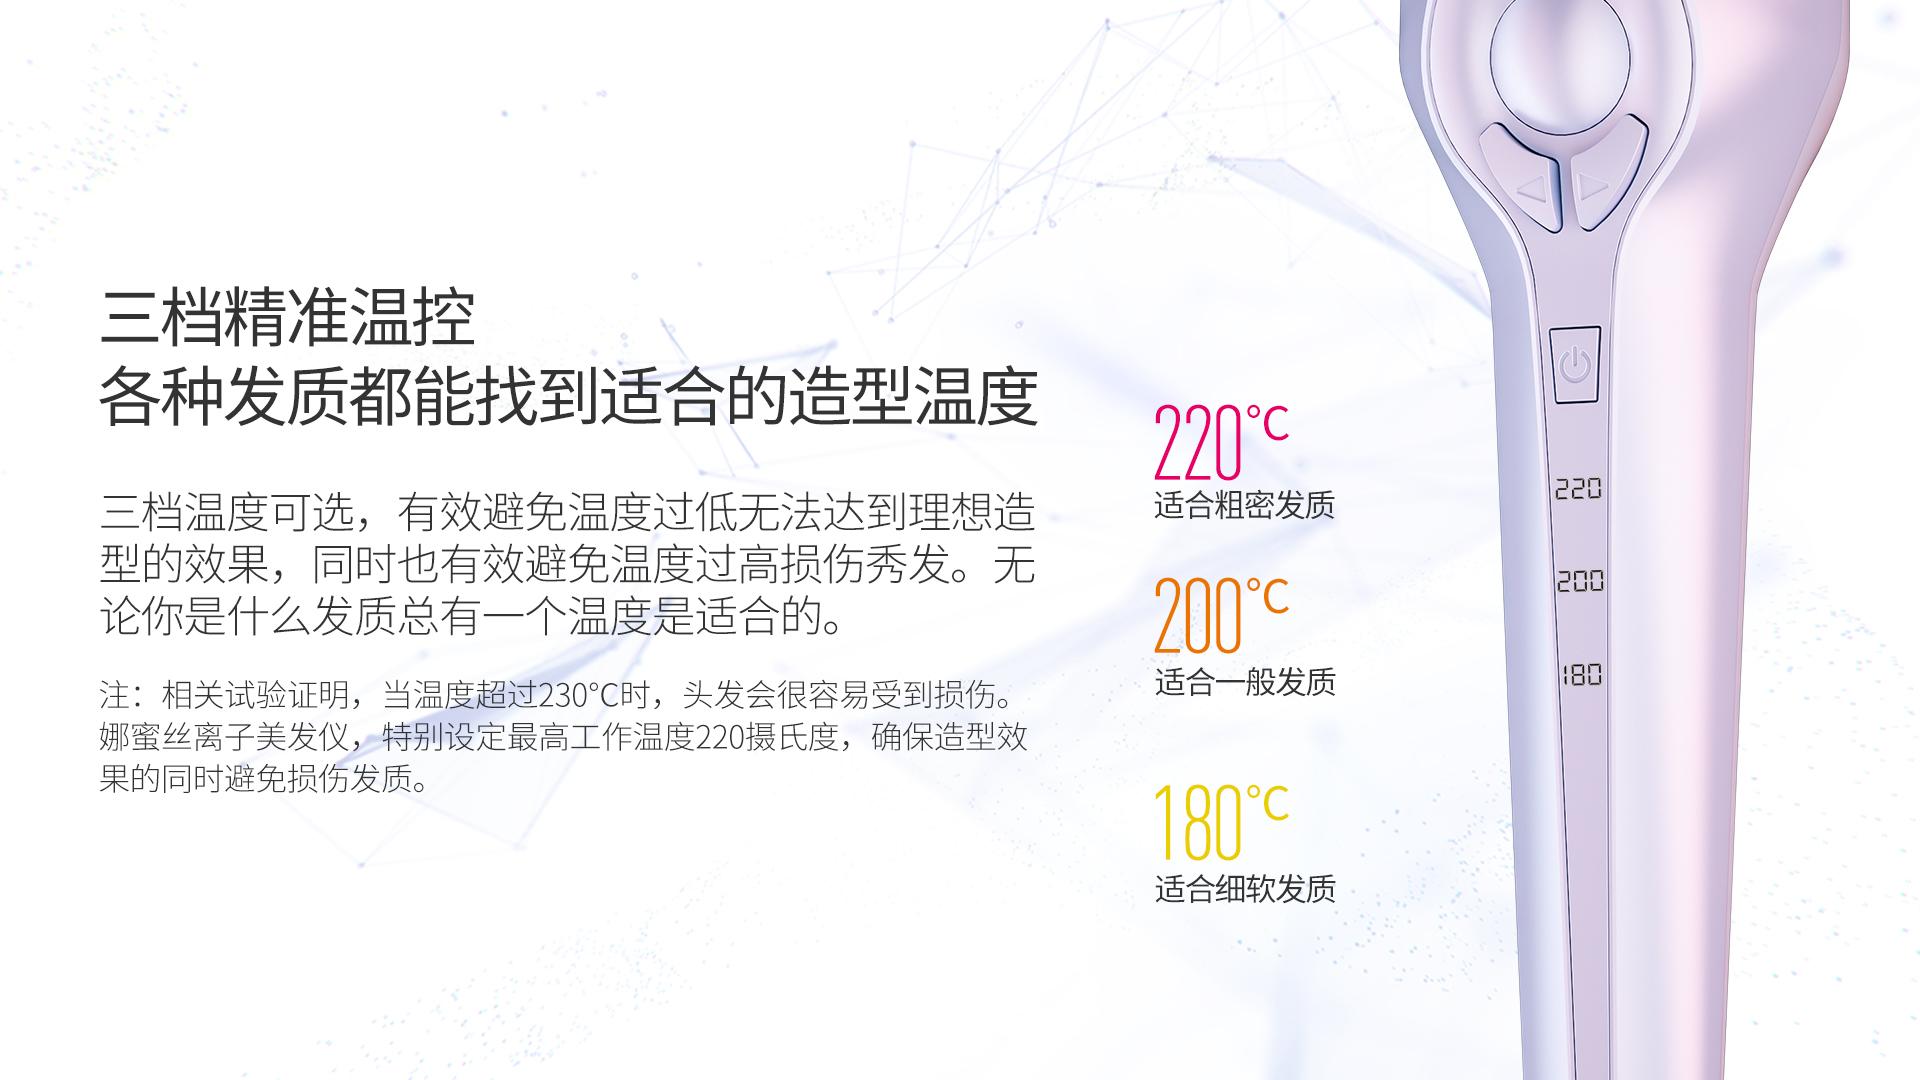 娜蜜丝乐虎国际娱乐手机版-乐虎国际娱乐app下载-乐虎国际66